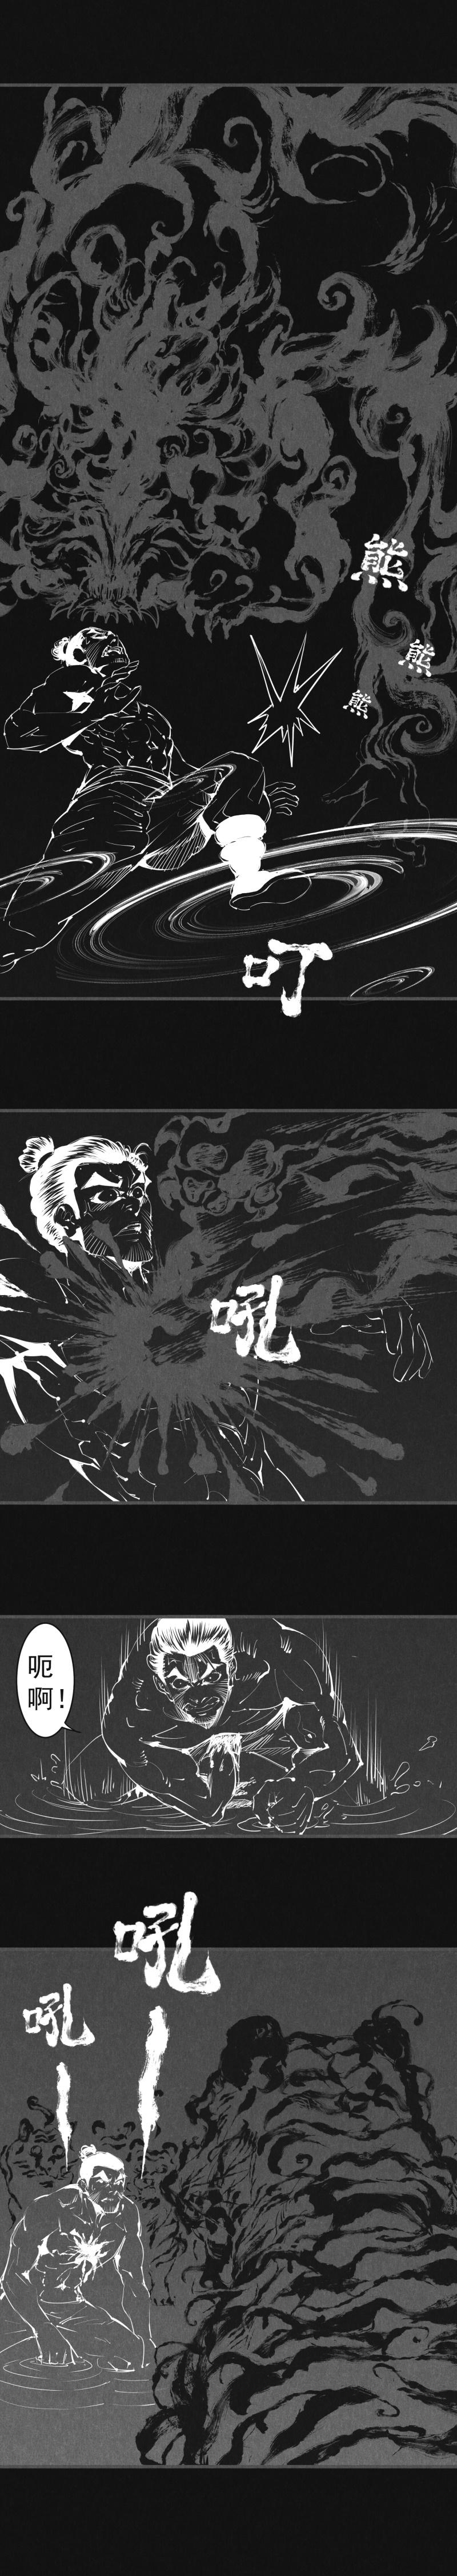 查看《漫画《妖捕》21~23话》原图,原图尺寸:800x4505